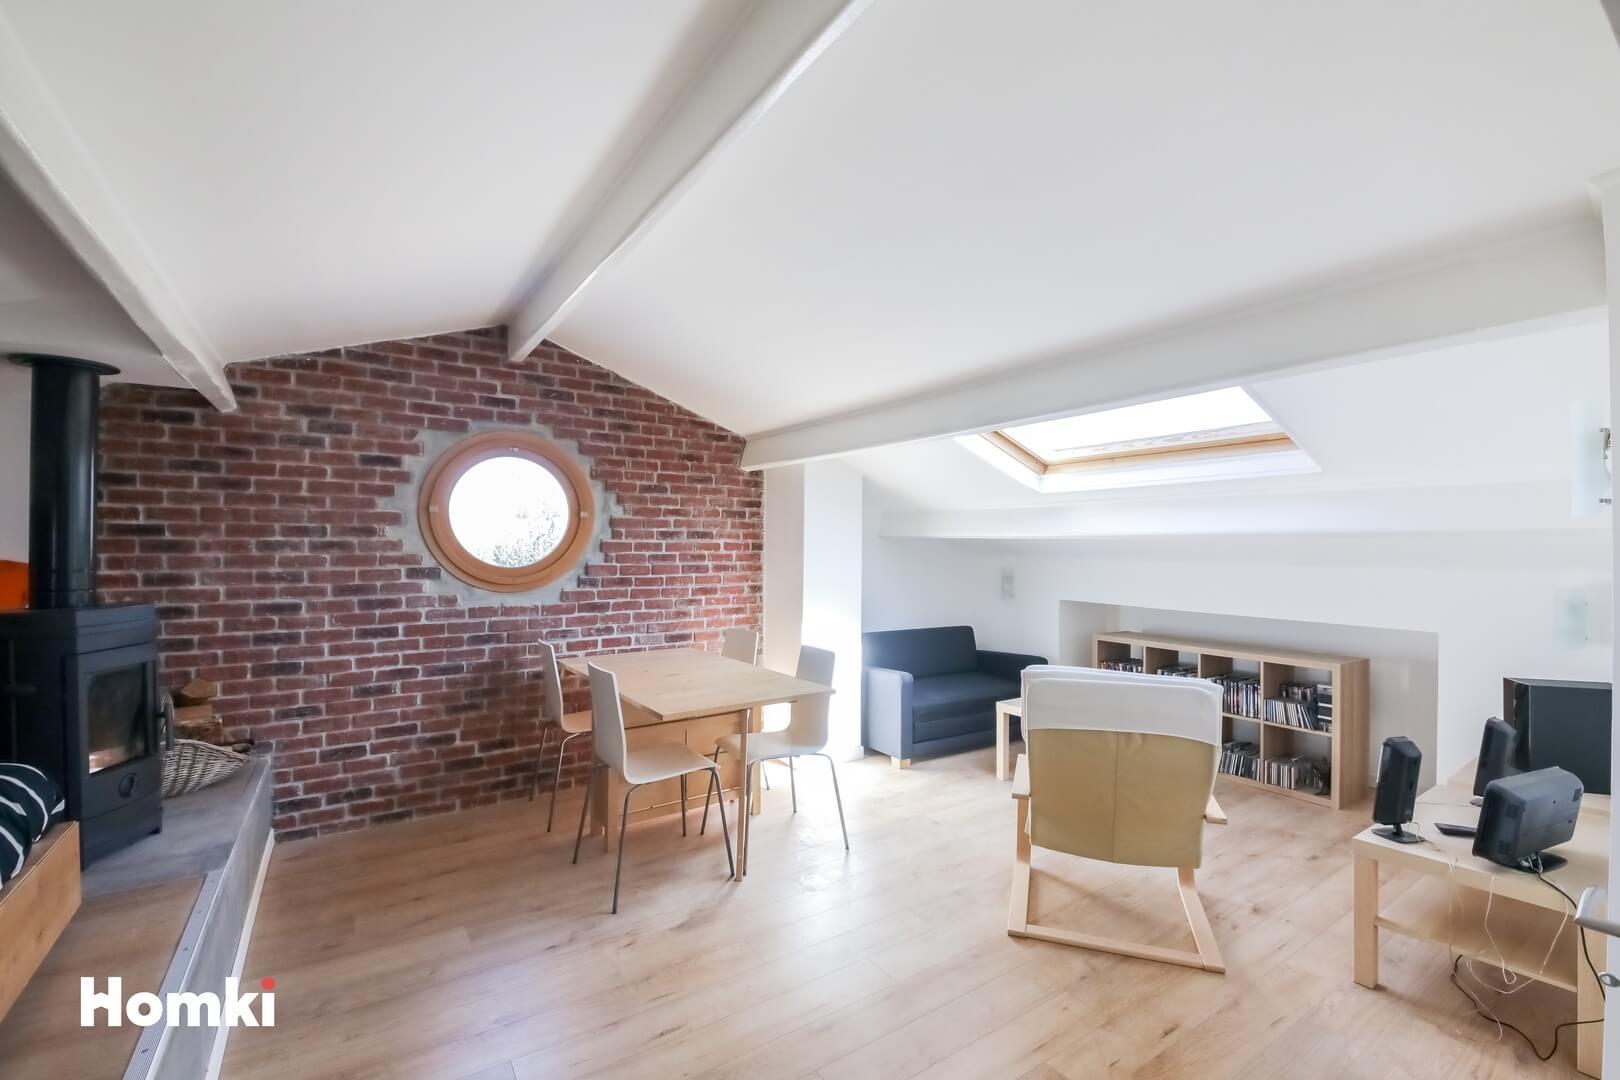 Homki - Vente appartement  de 61.0 m² à Aubagne 13400